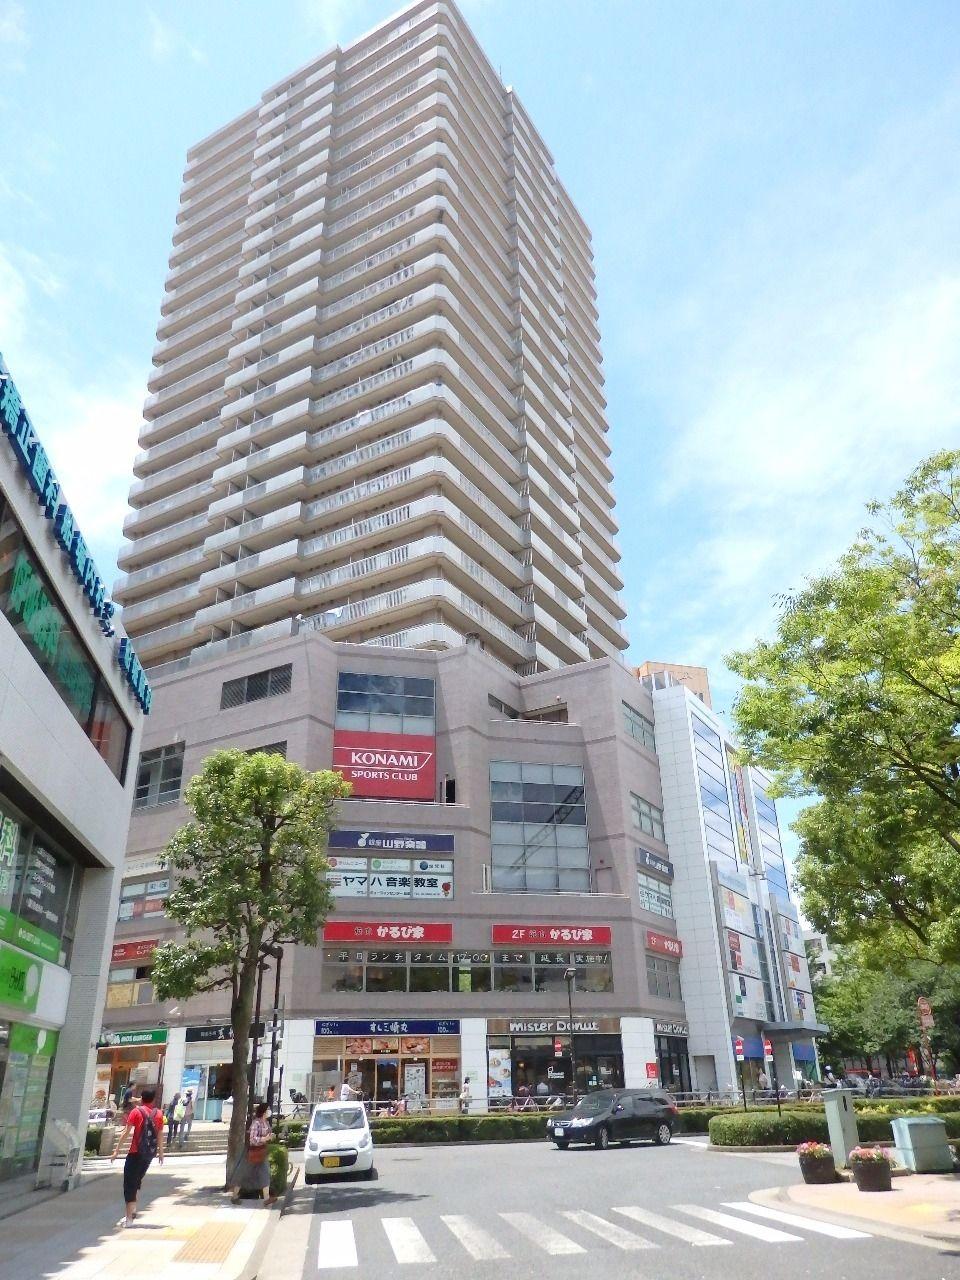 船堀駅前にある人気の複合型マンションです。